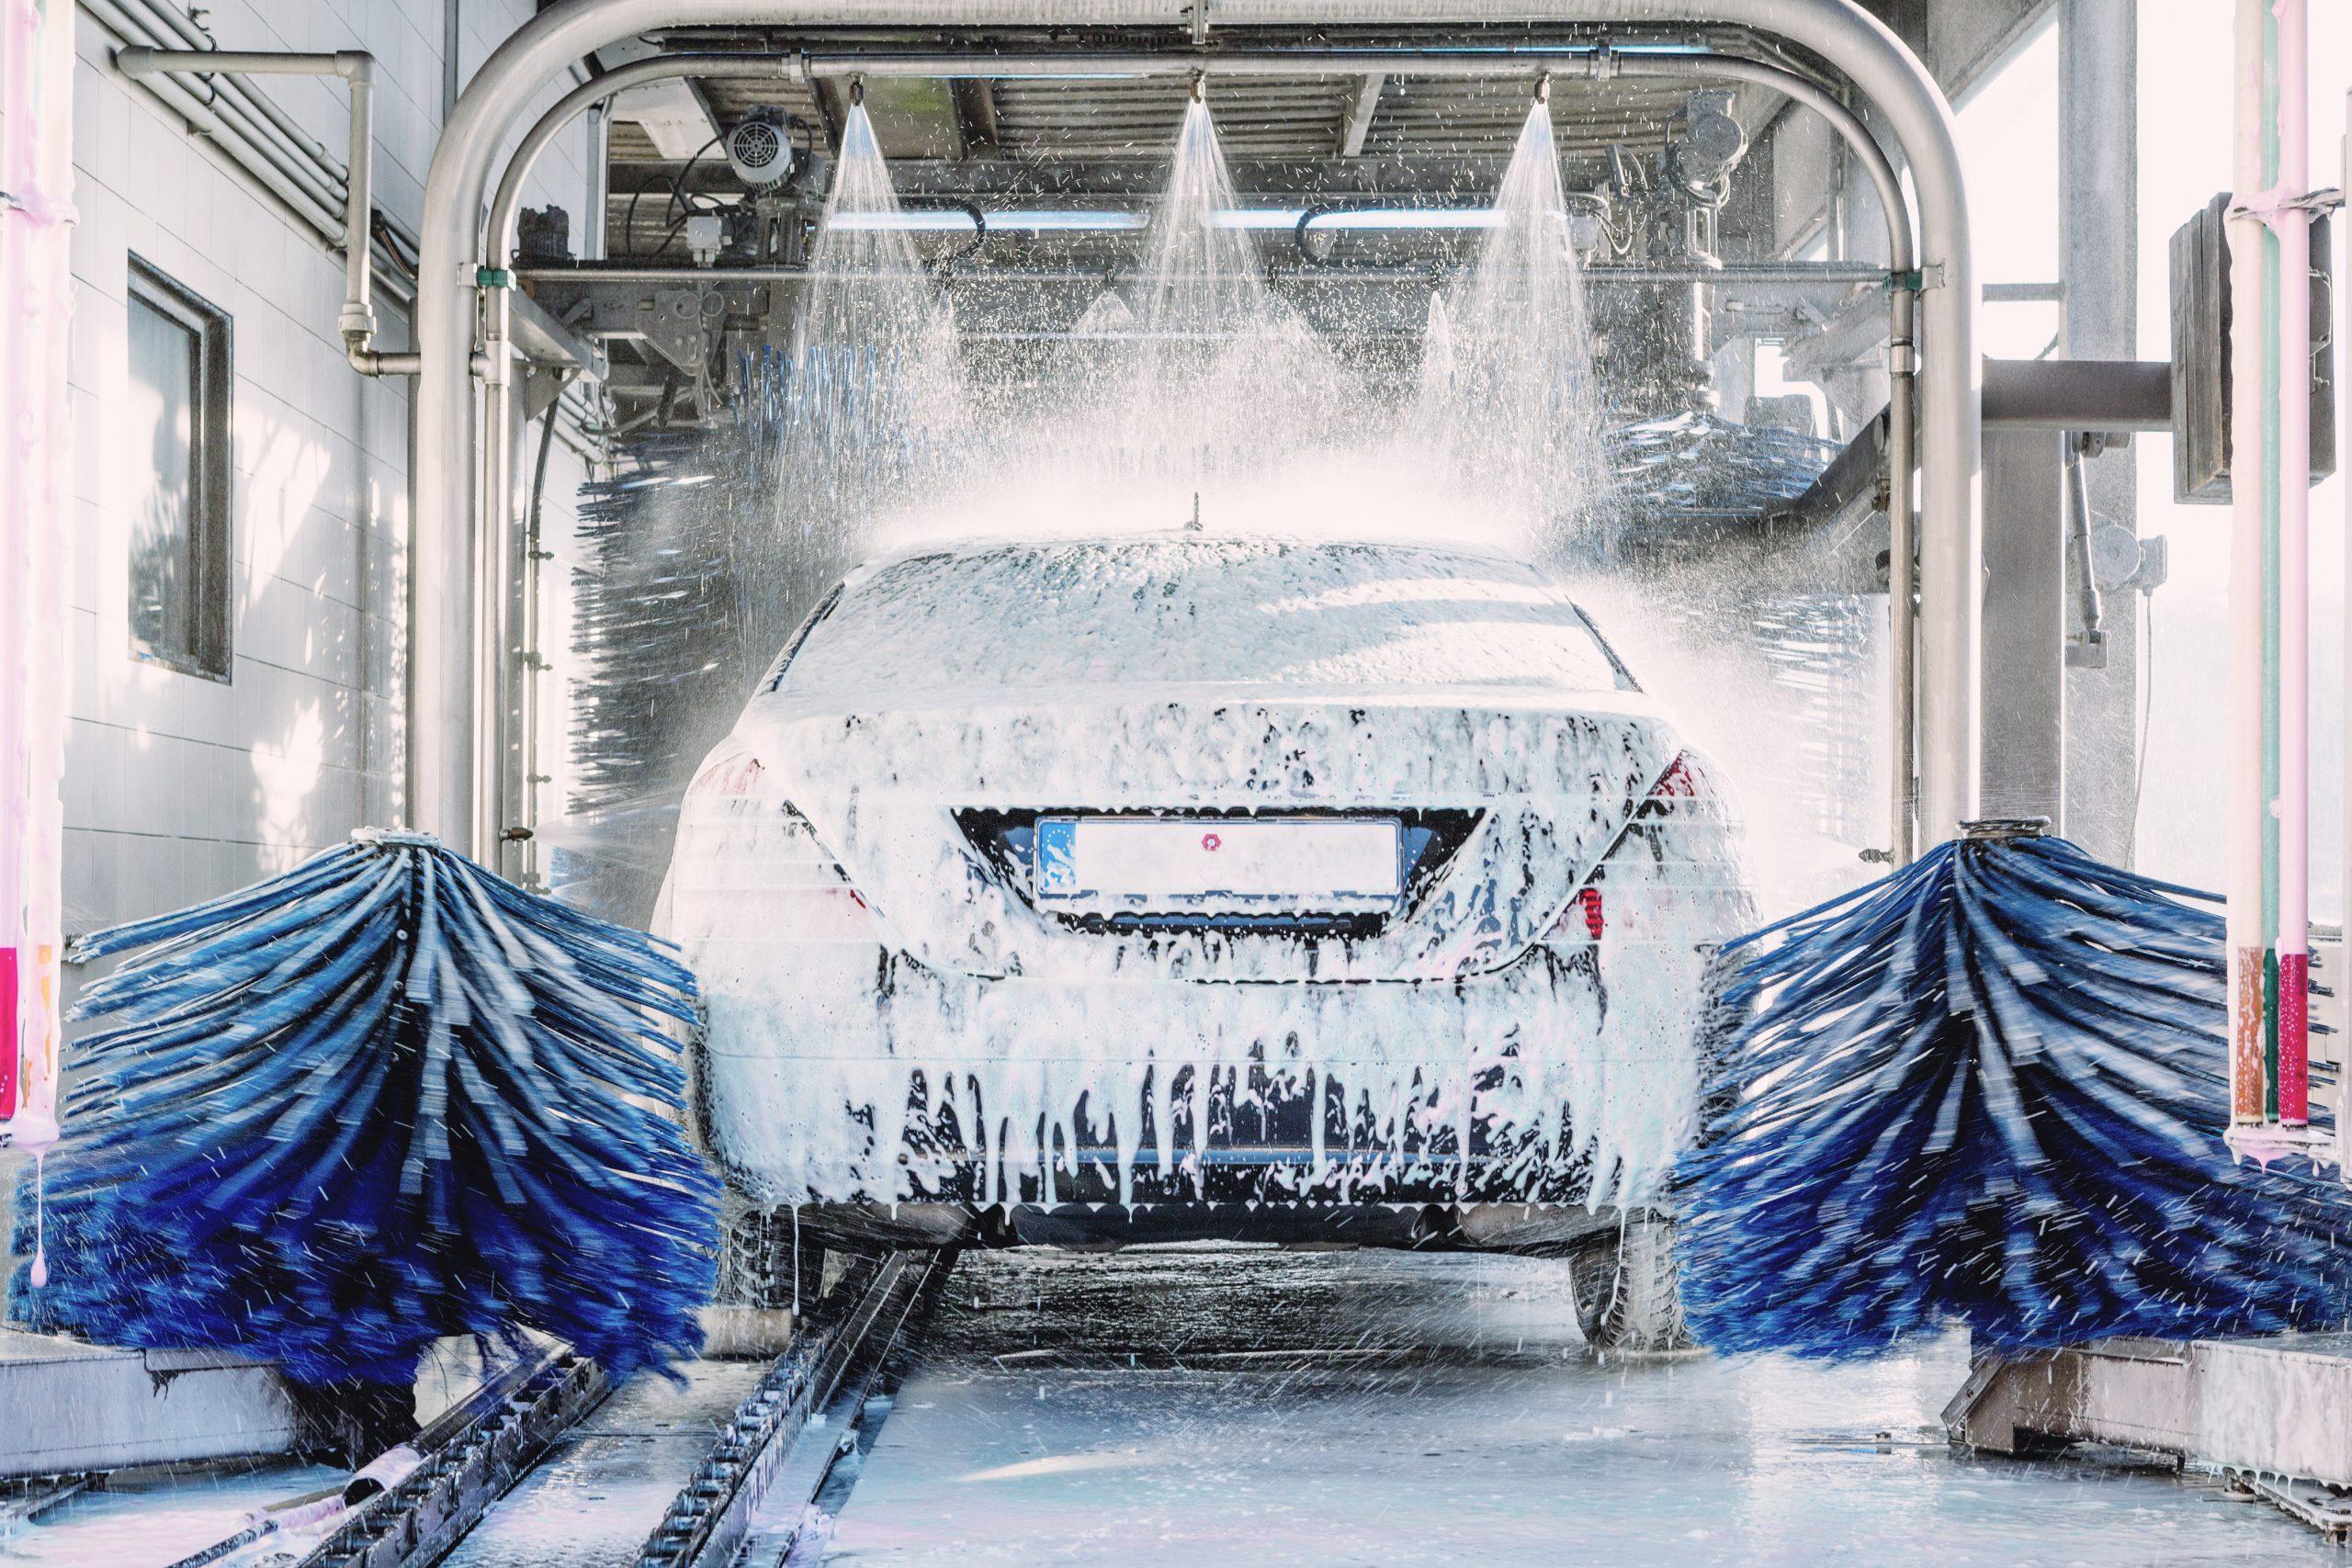 Car going through car wash